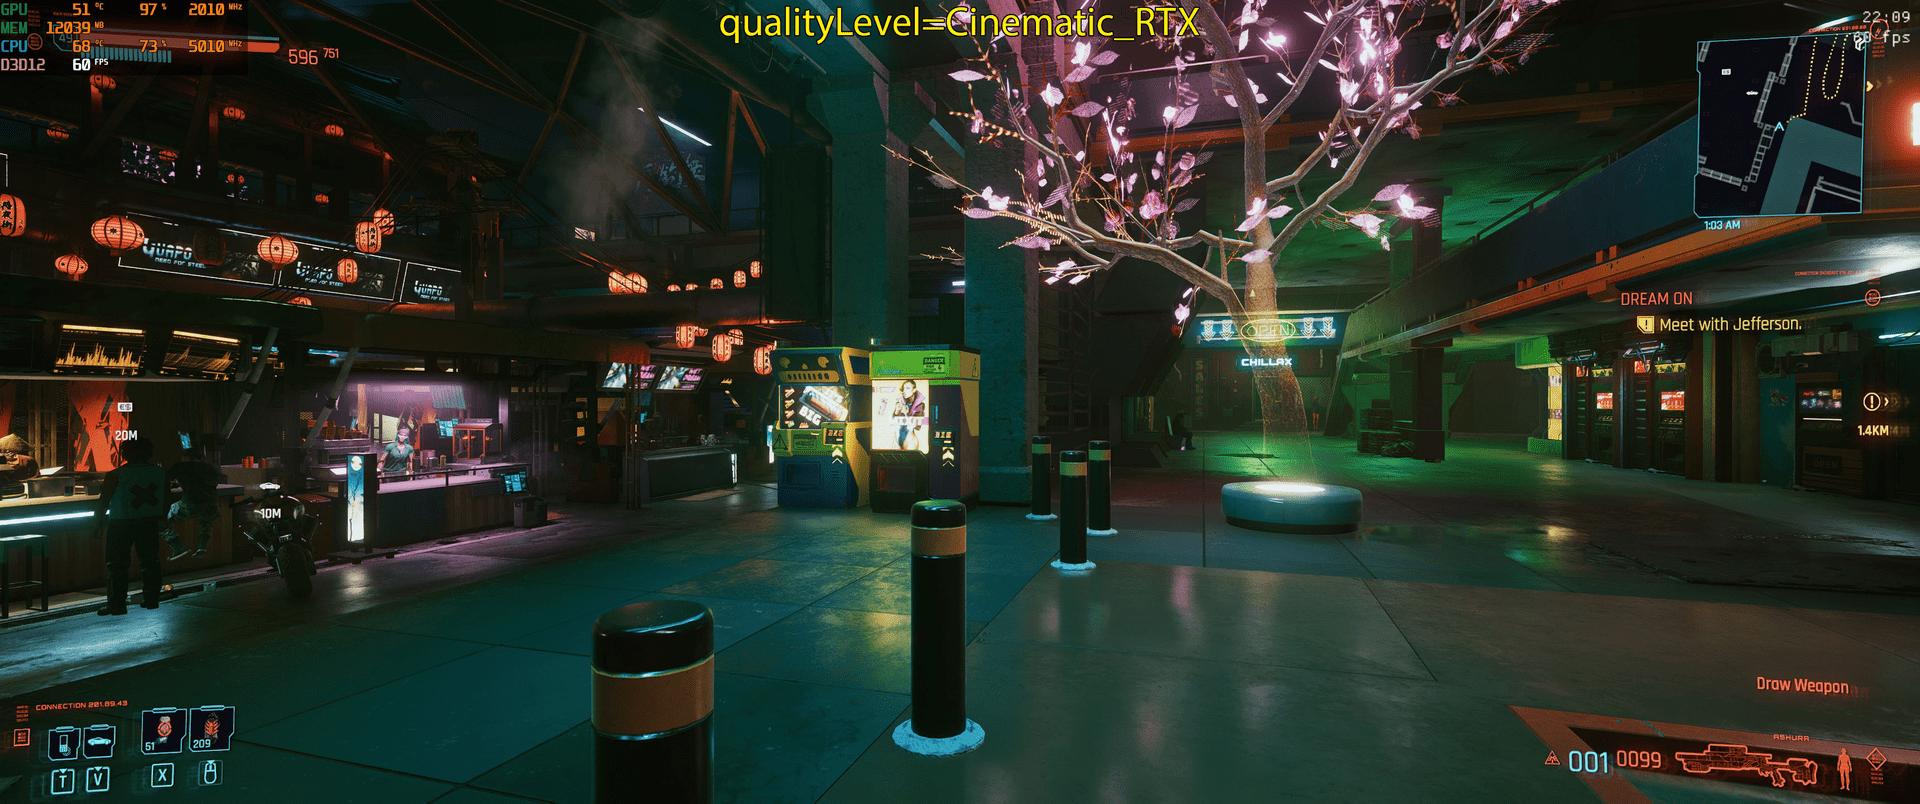 Cinematic RTX